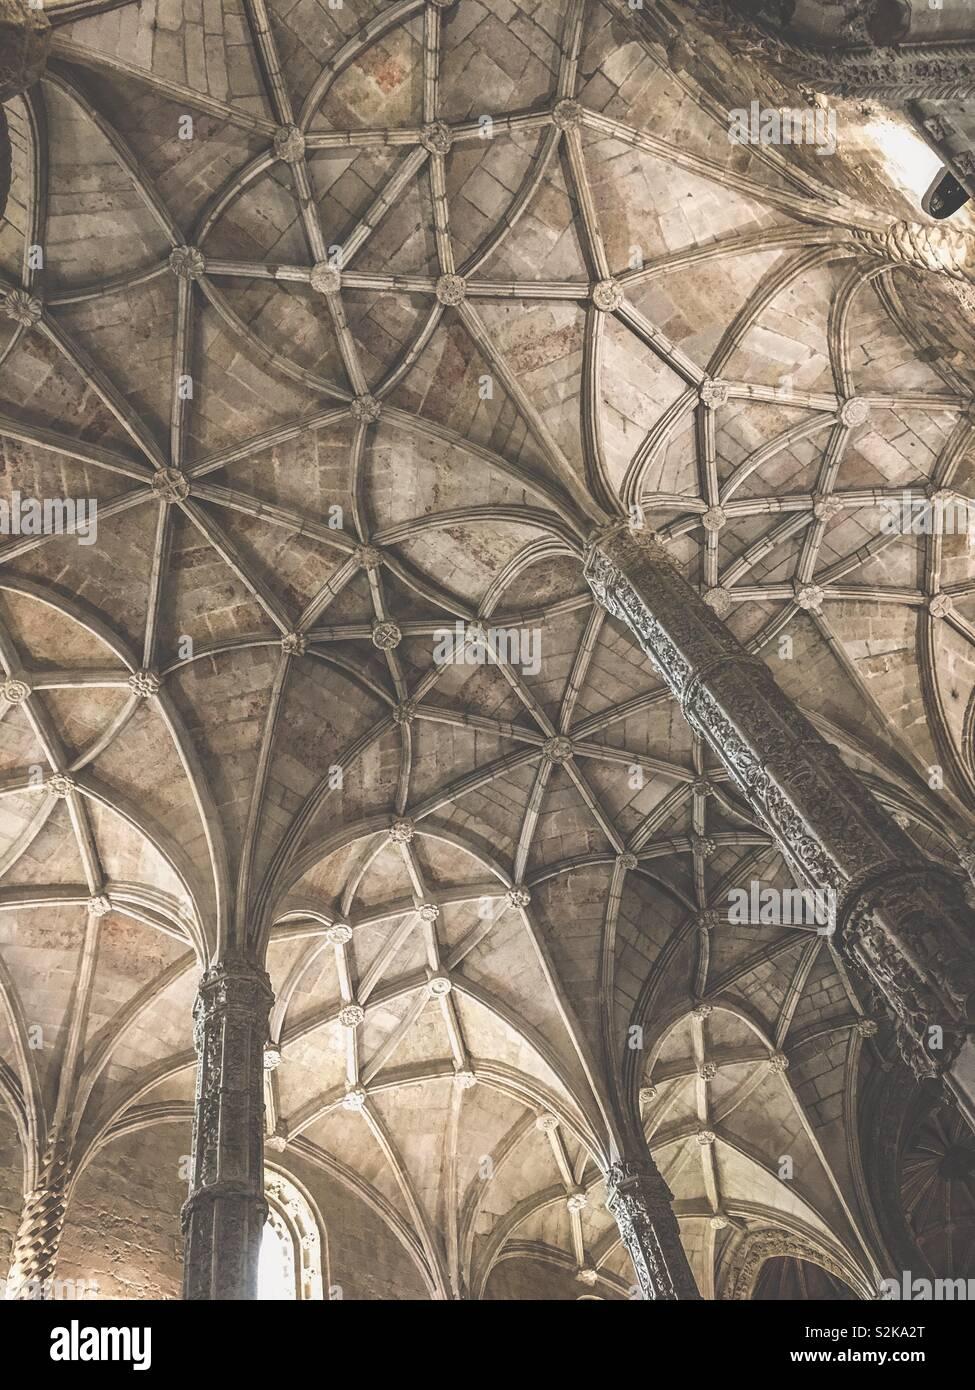 Gli antichi soffitti a volta di una chiesa nel monastero. Immagini Stock